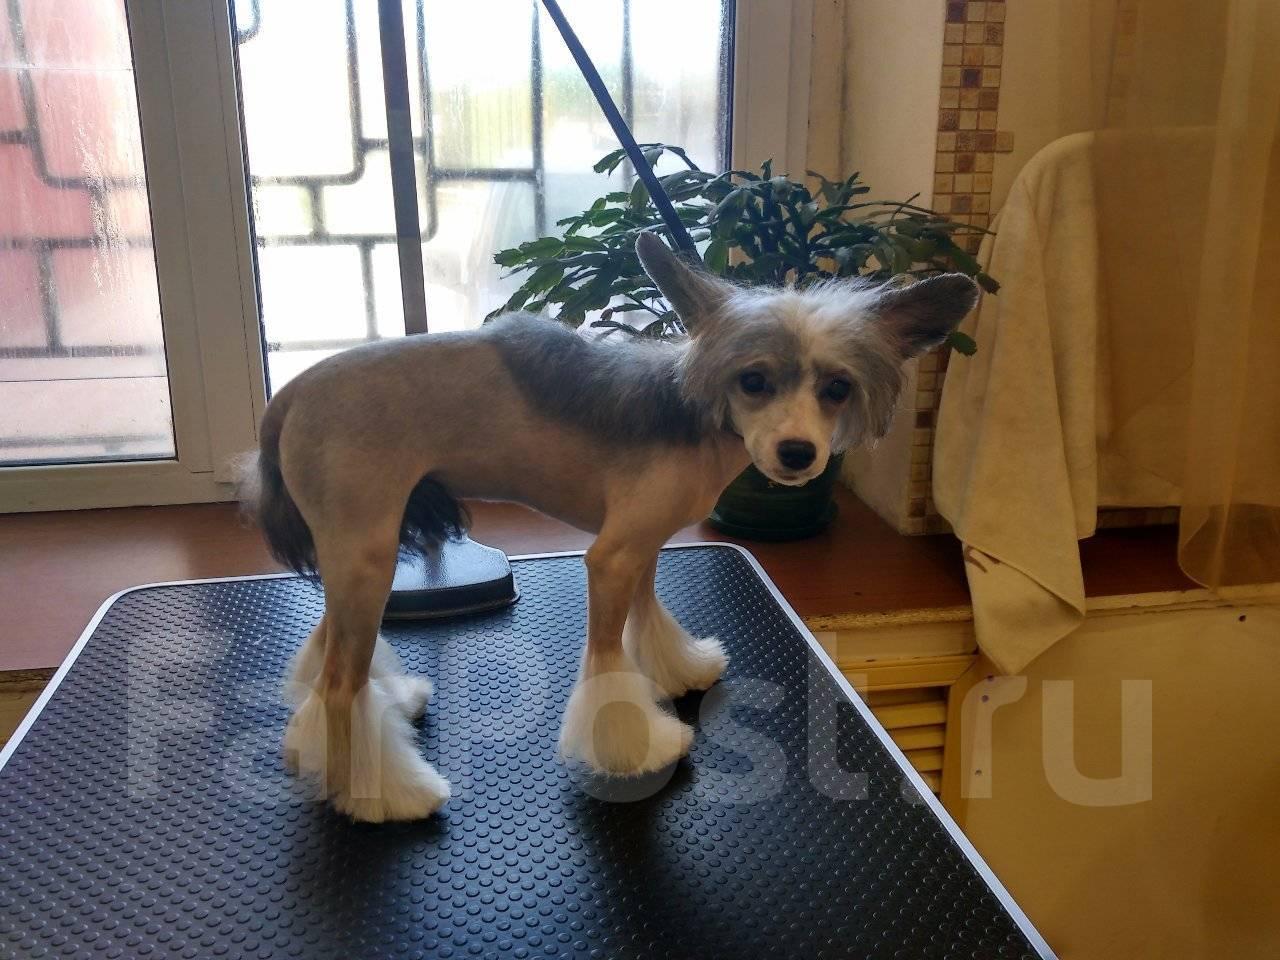 Барахолка объявление дать продам собаки владивосток куплю холодильник в харькове объявления